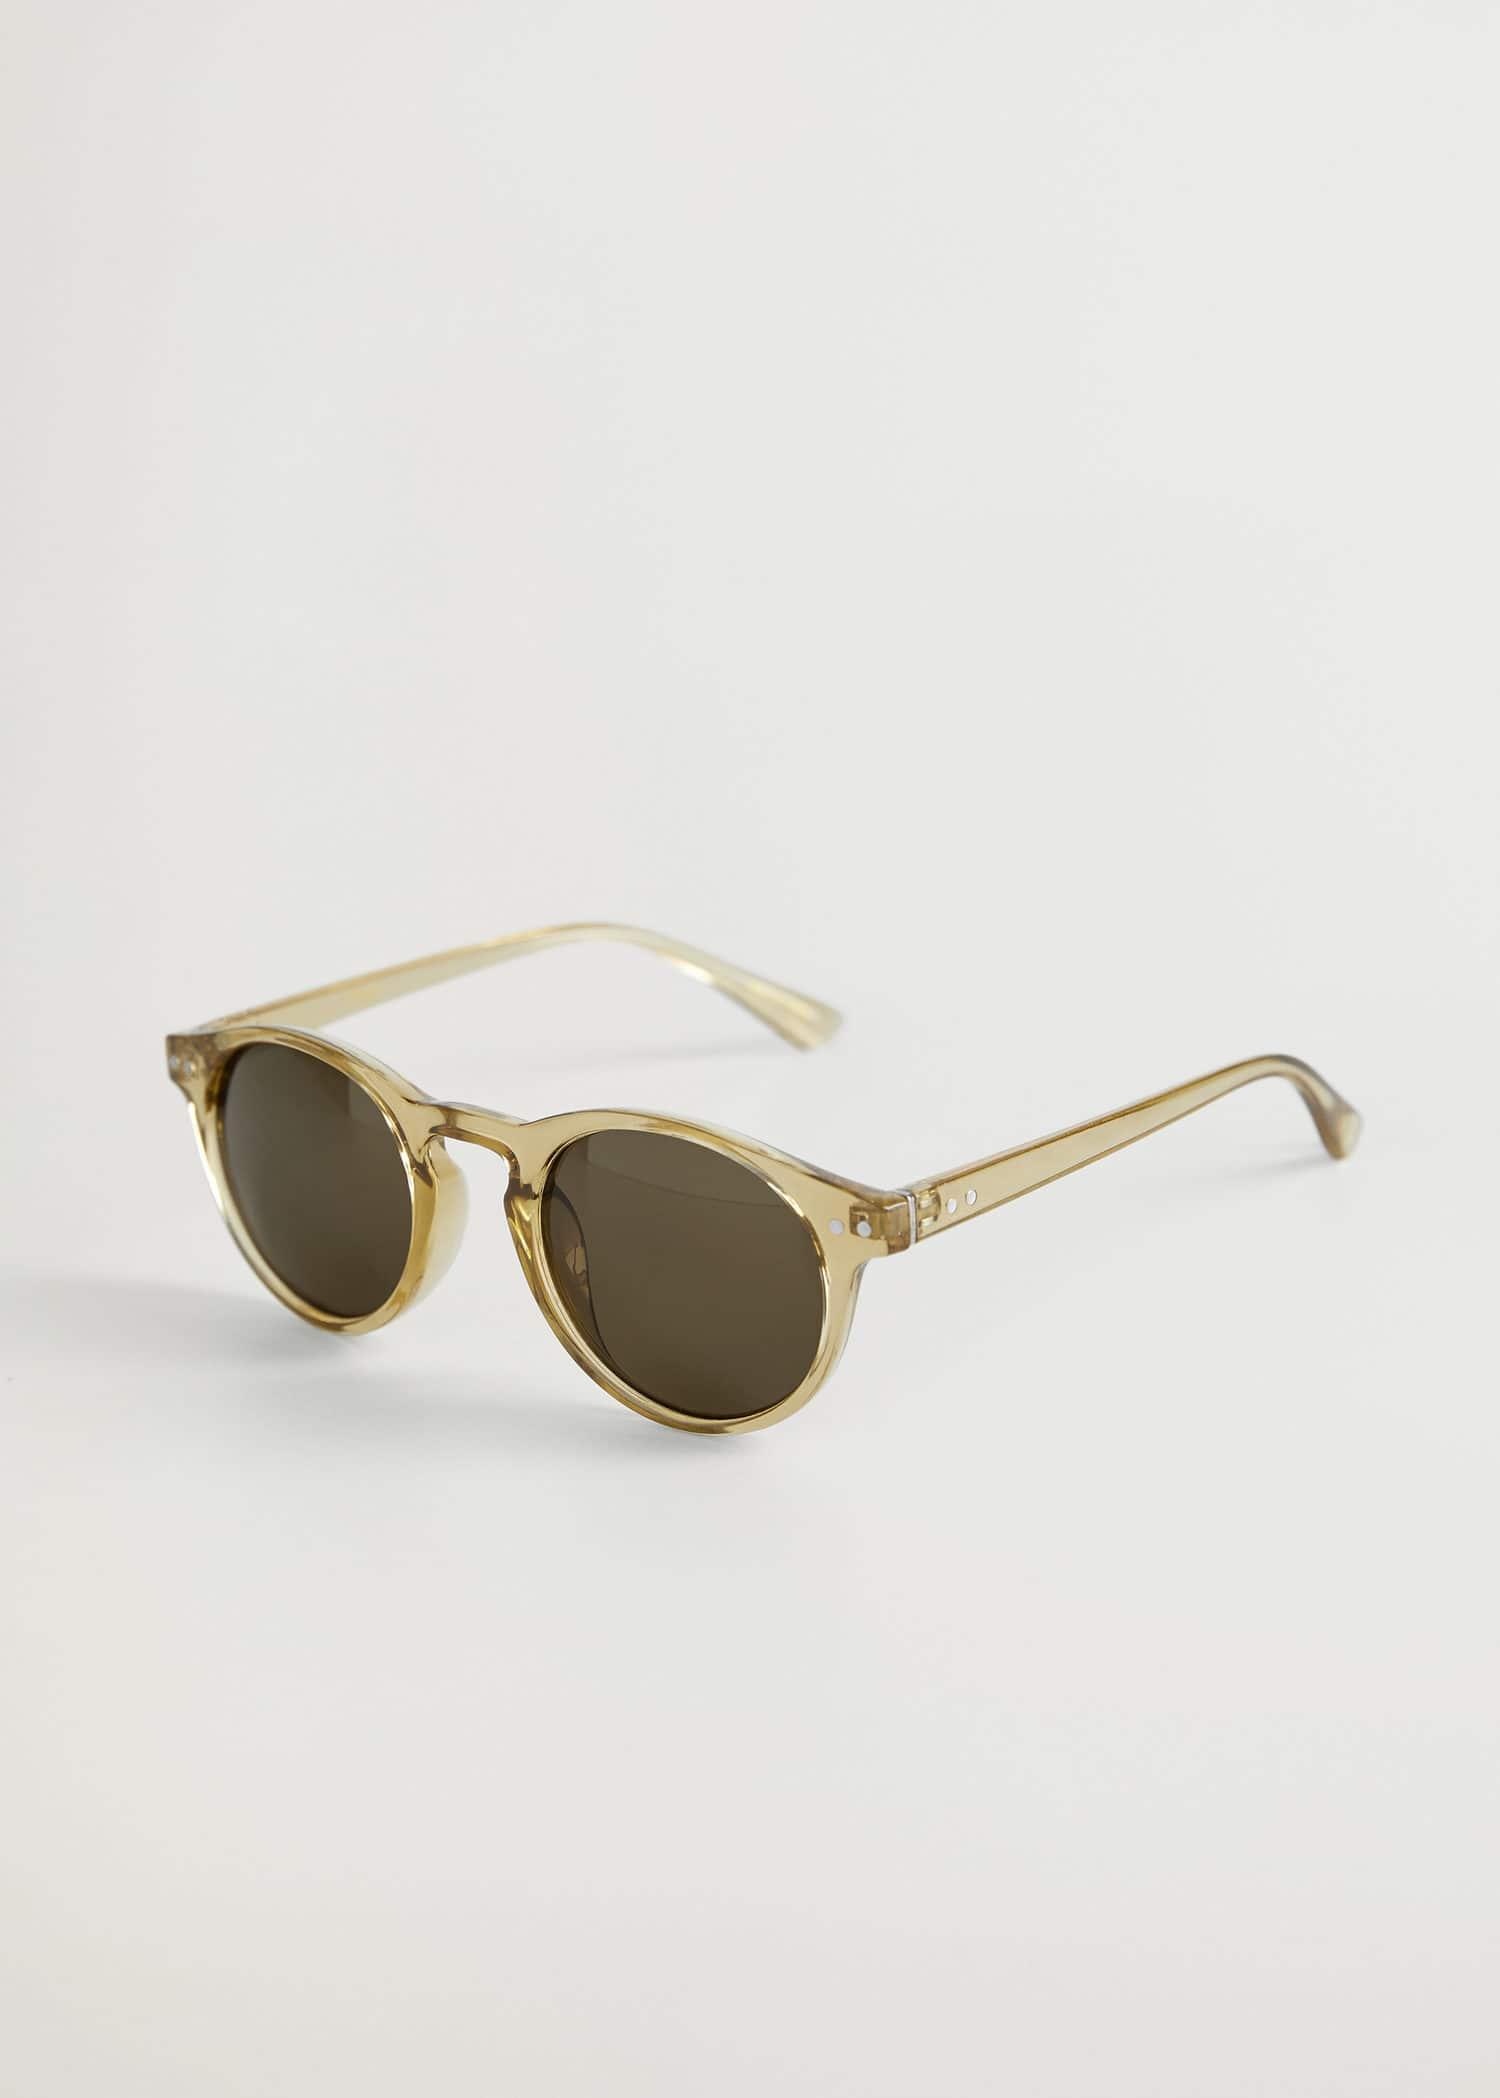 MANGO OKULARY PRZECIWSŁONECZNE, Okulary przeciwsłoneczne